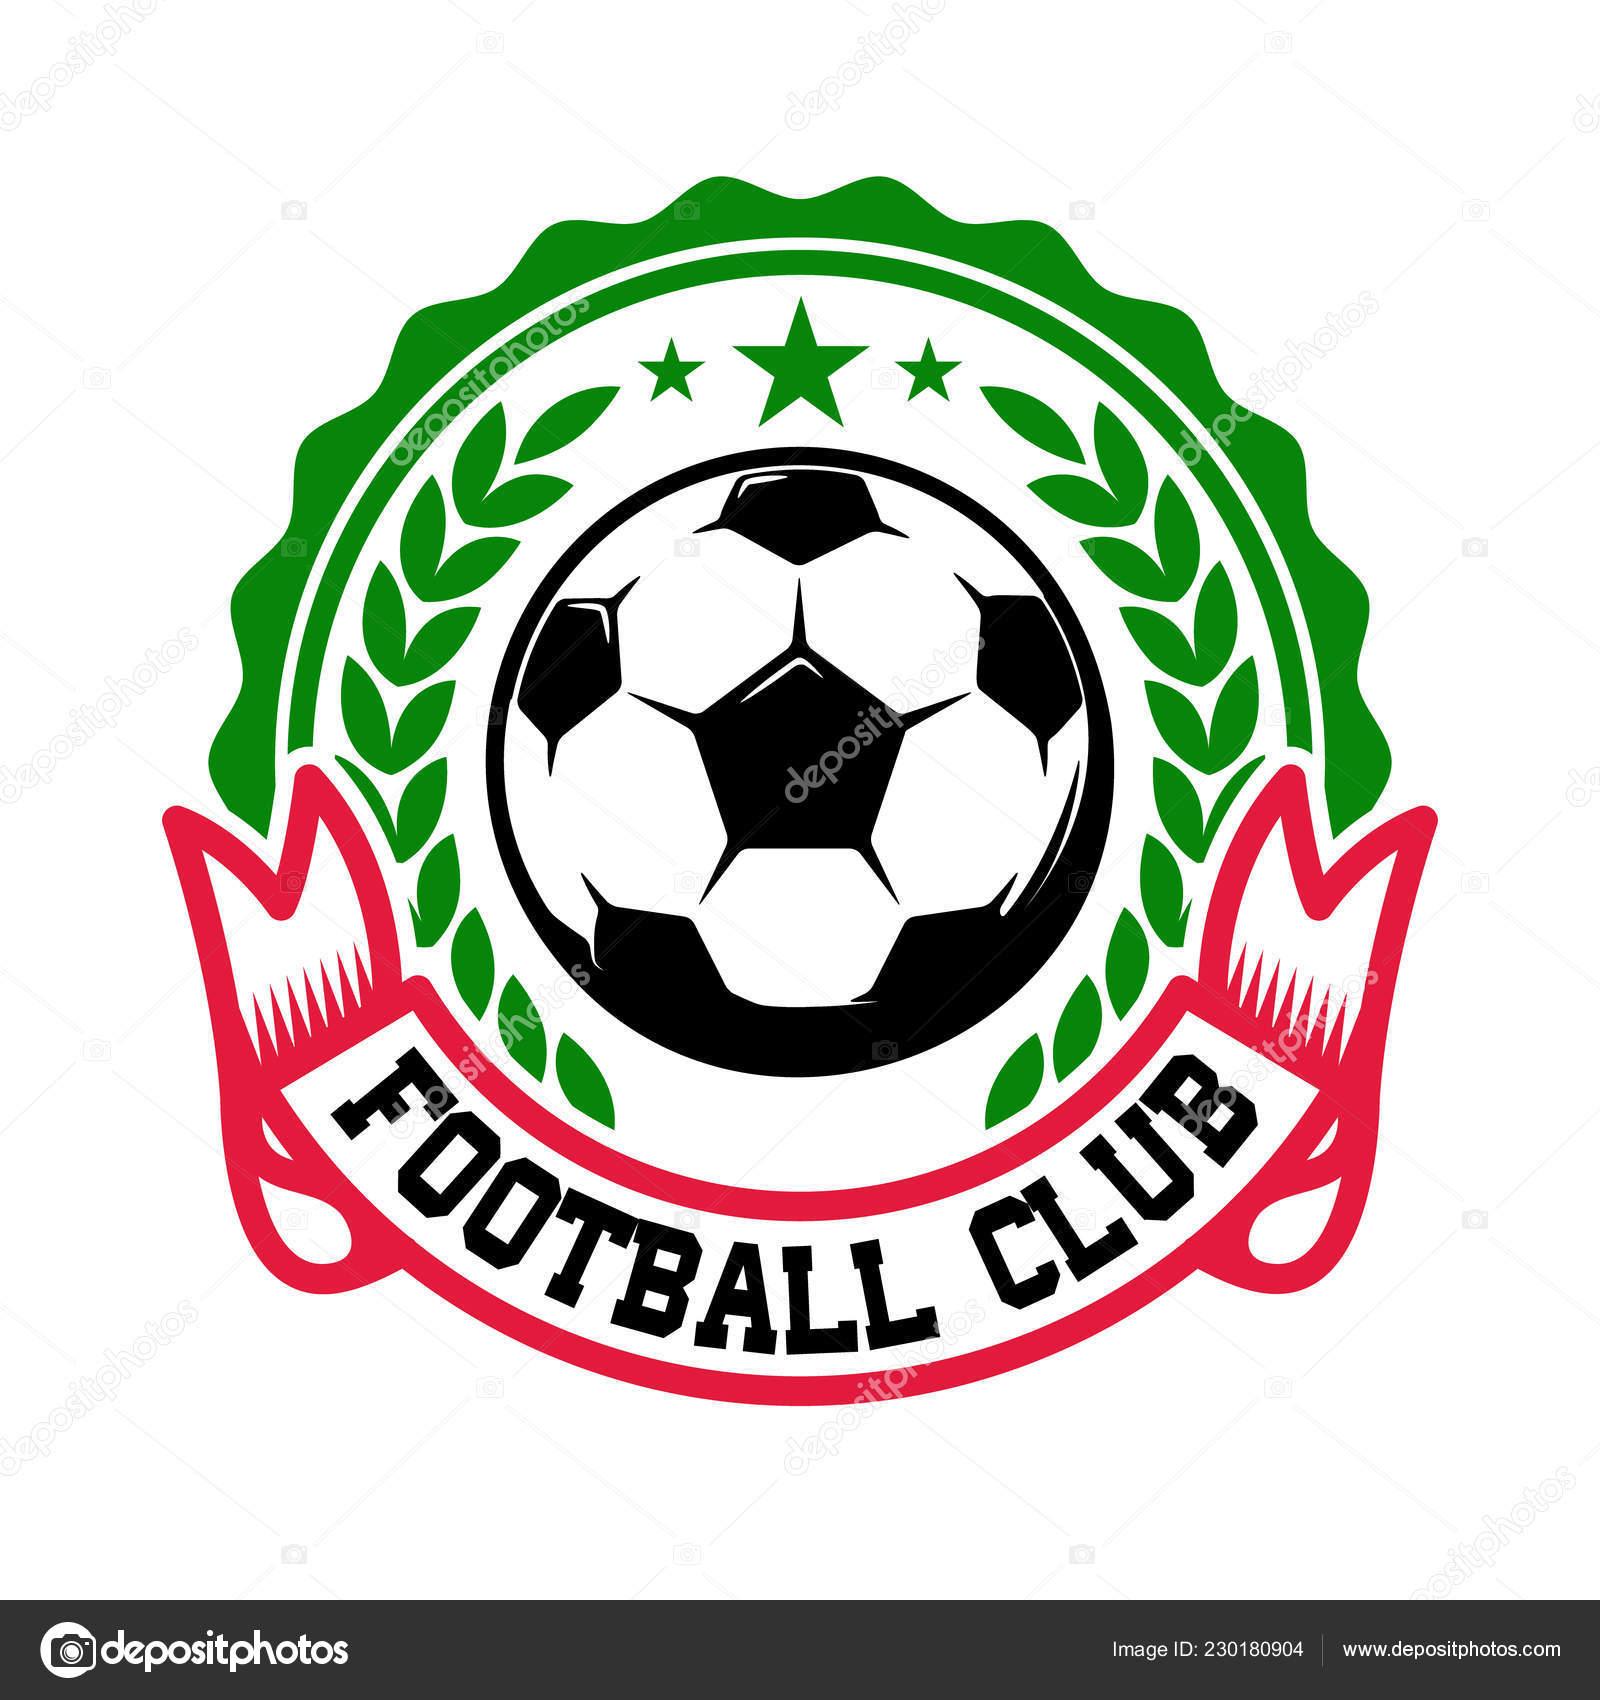 Equipo Fútbol Plantilla Emblema Con Balón Fútbol Elemento Diseño Logo —  Archivo Imágenes Vectoriales 456d451598fd9